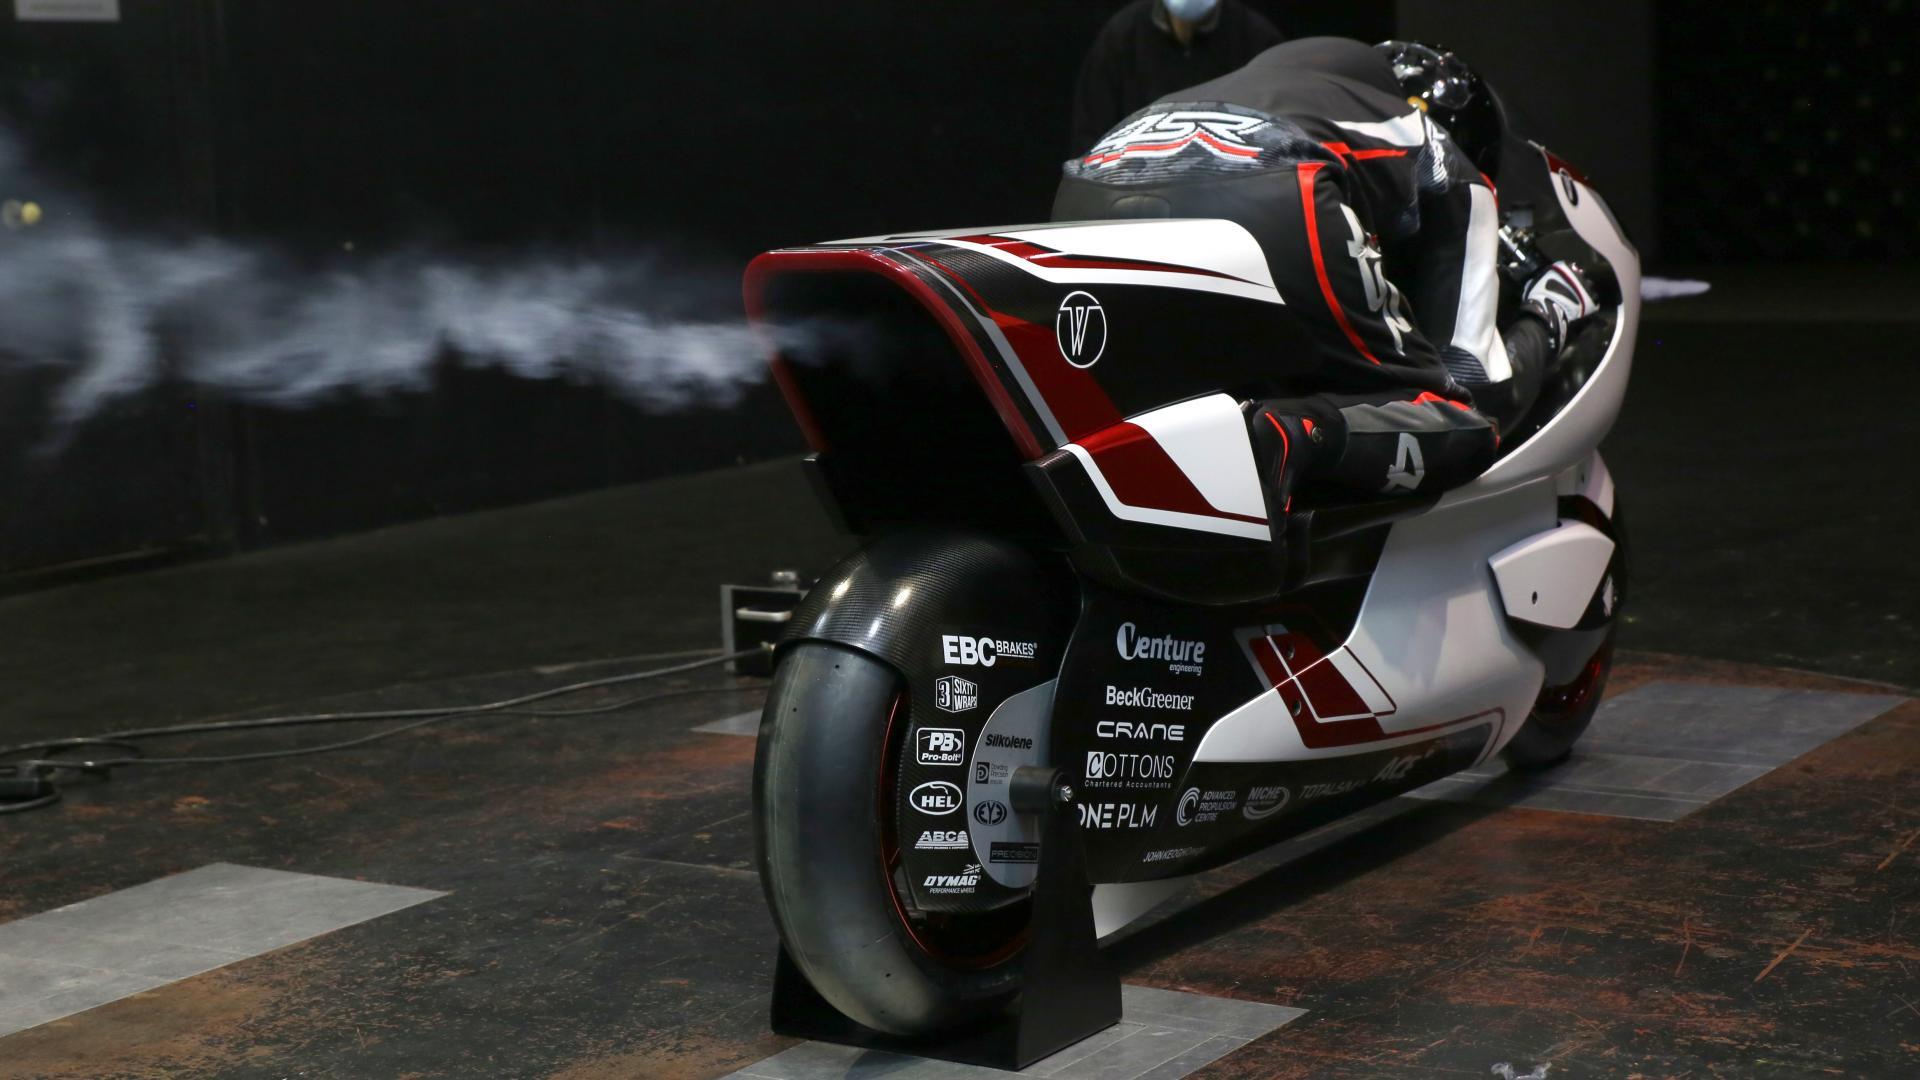 White Motorcycle Concepts разработала аэродинамический электромотоцикл для нового рекорда скорости